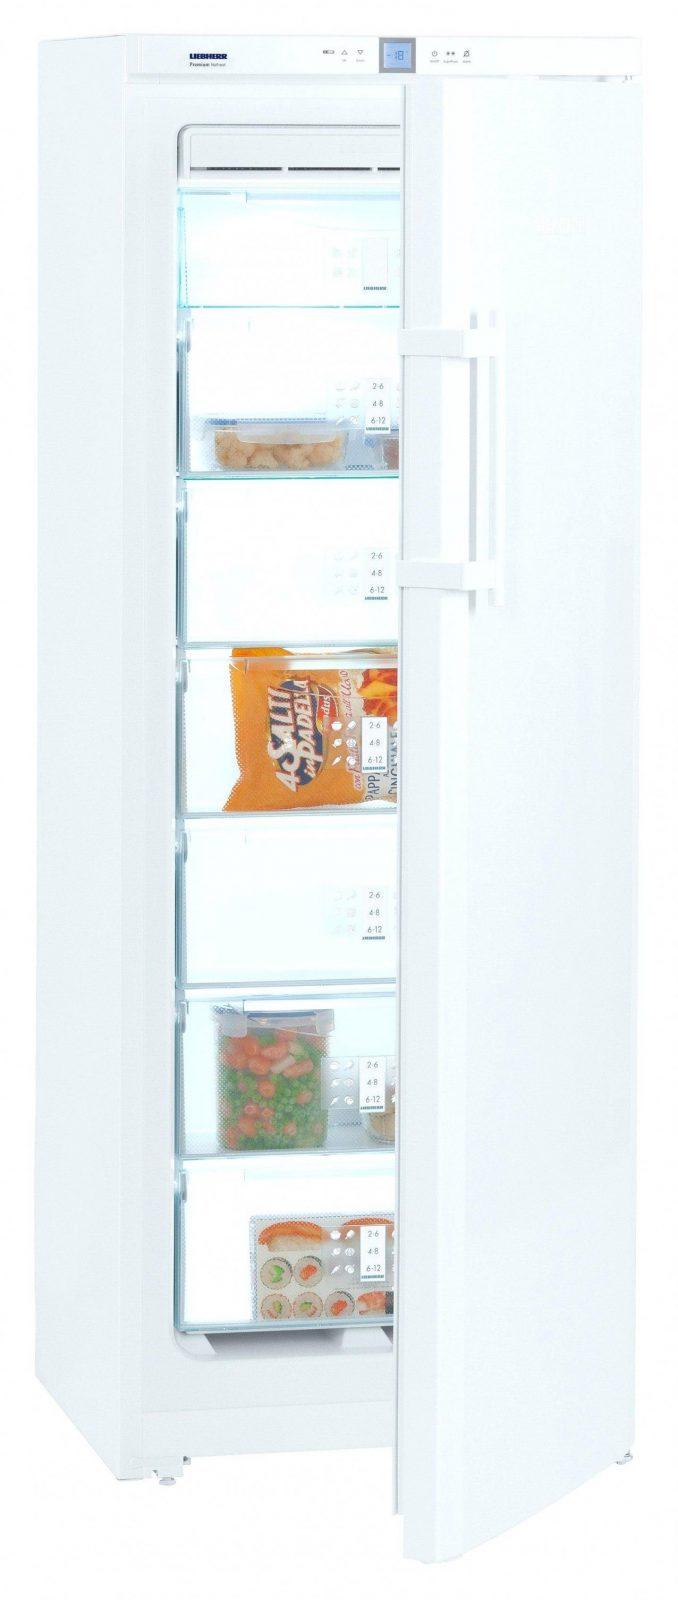 Liebherr No Frost Gefrierschrank – Tourdoonhame von Liebherr Gefrierschrank Gnp 3666 Bild